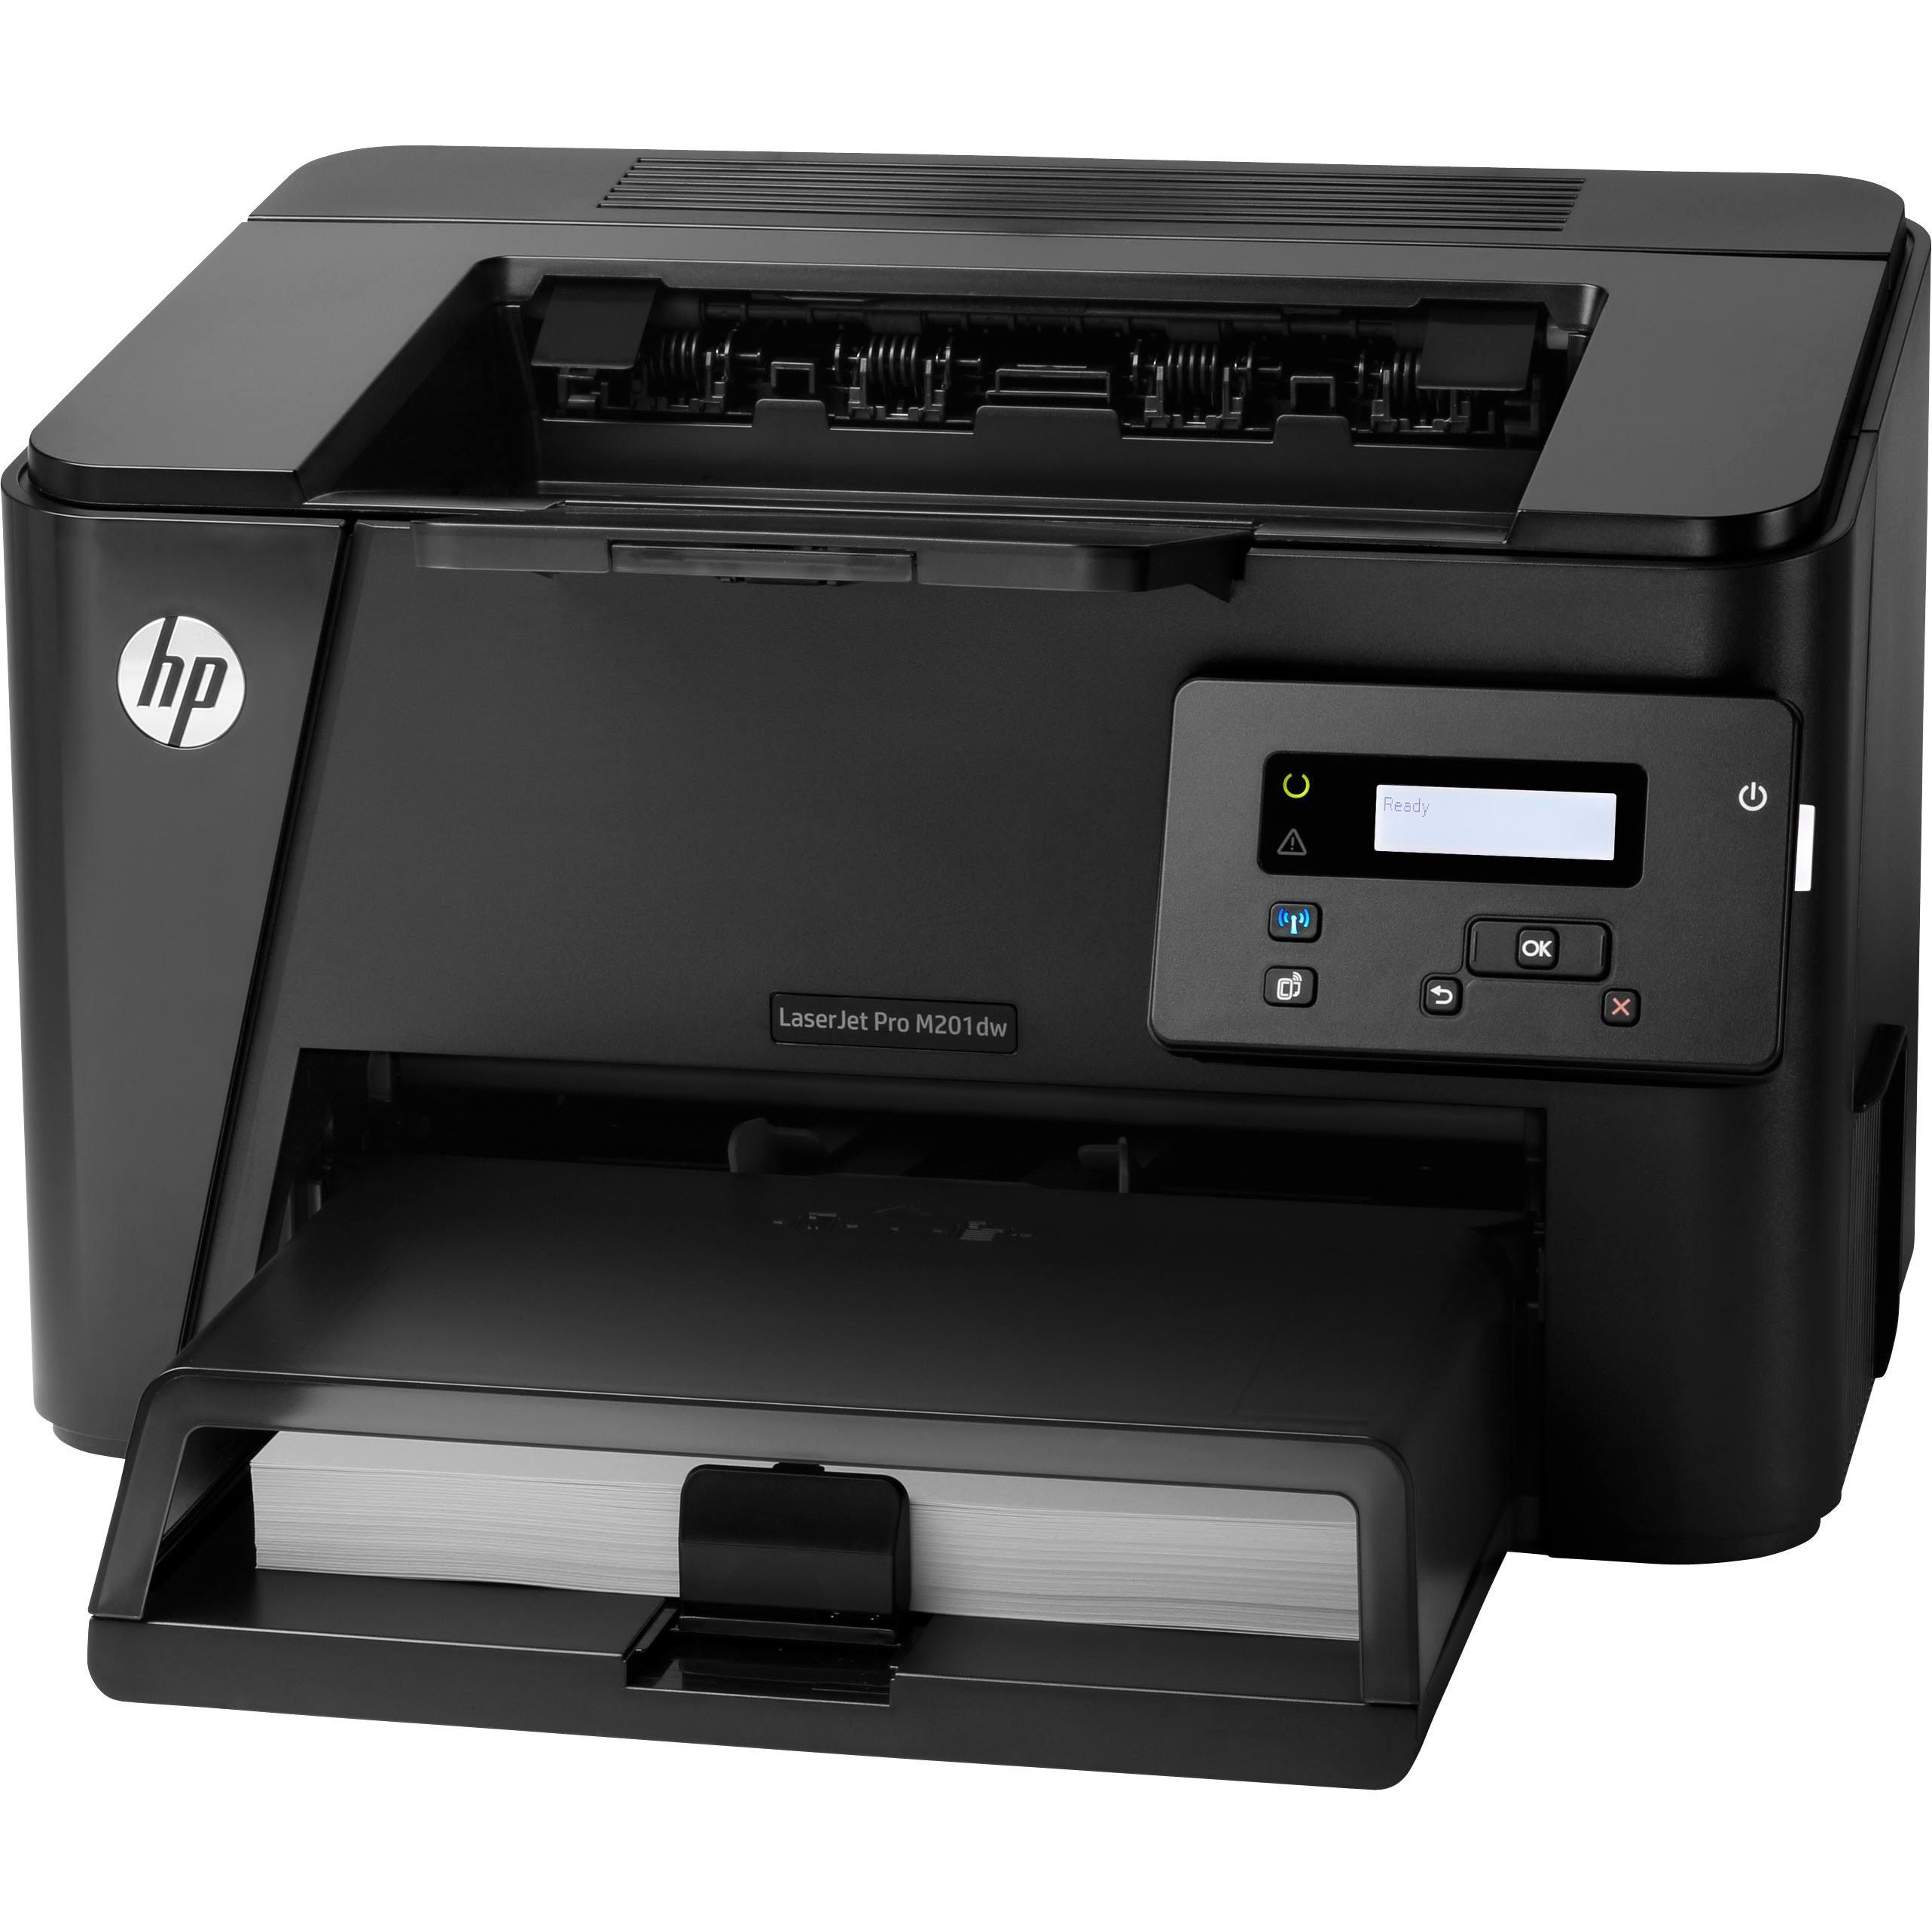 CyberShop: HP OfficeJet 3830 All-in-One Wireless Printer